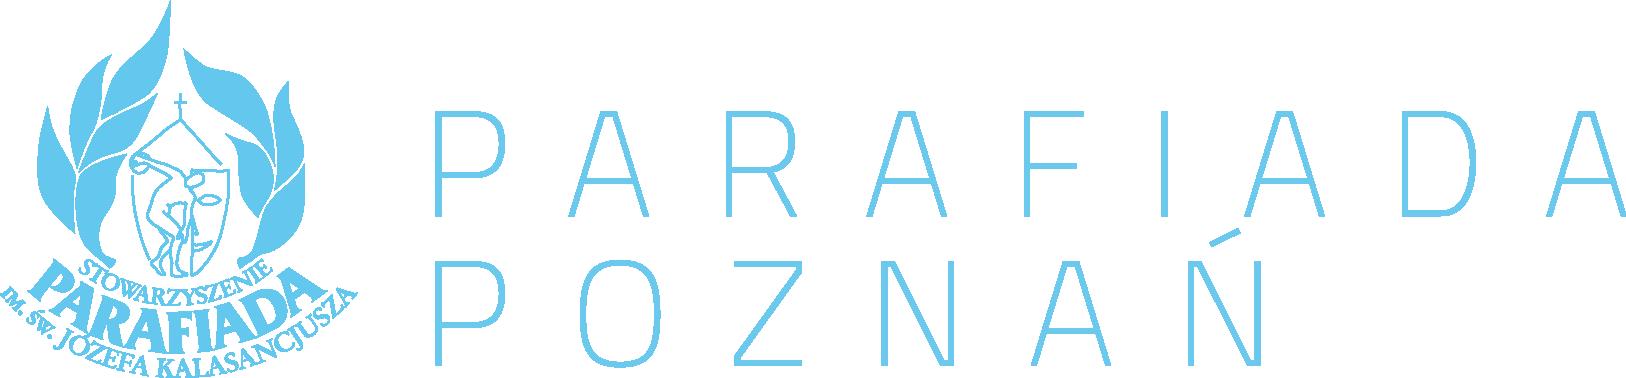 Poznański Oddział Parafiada